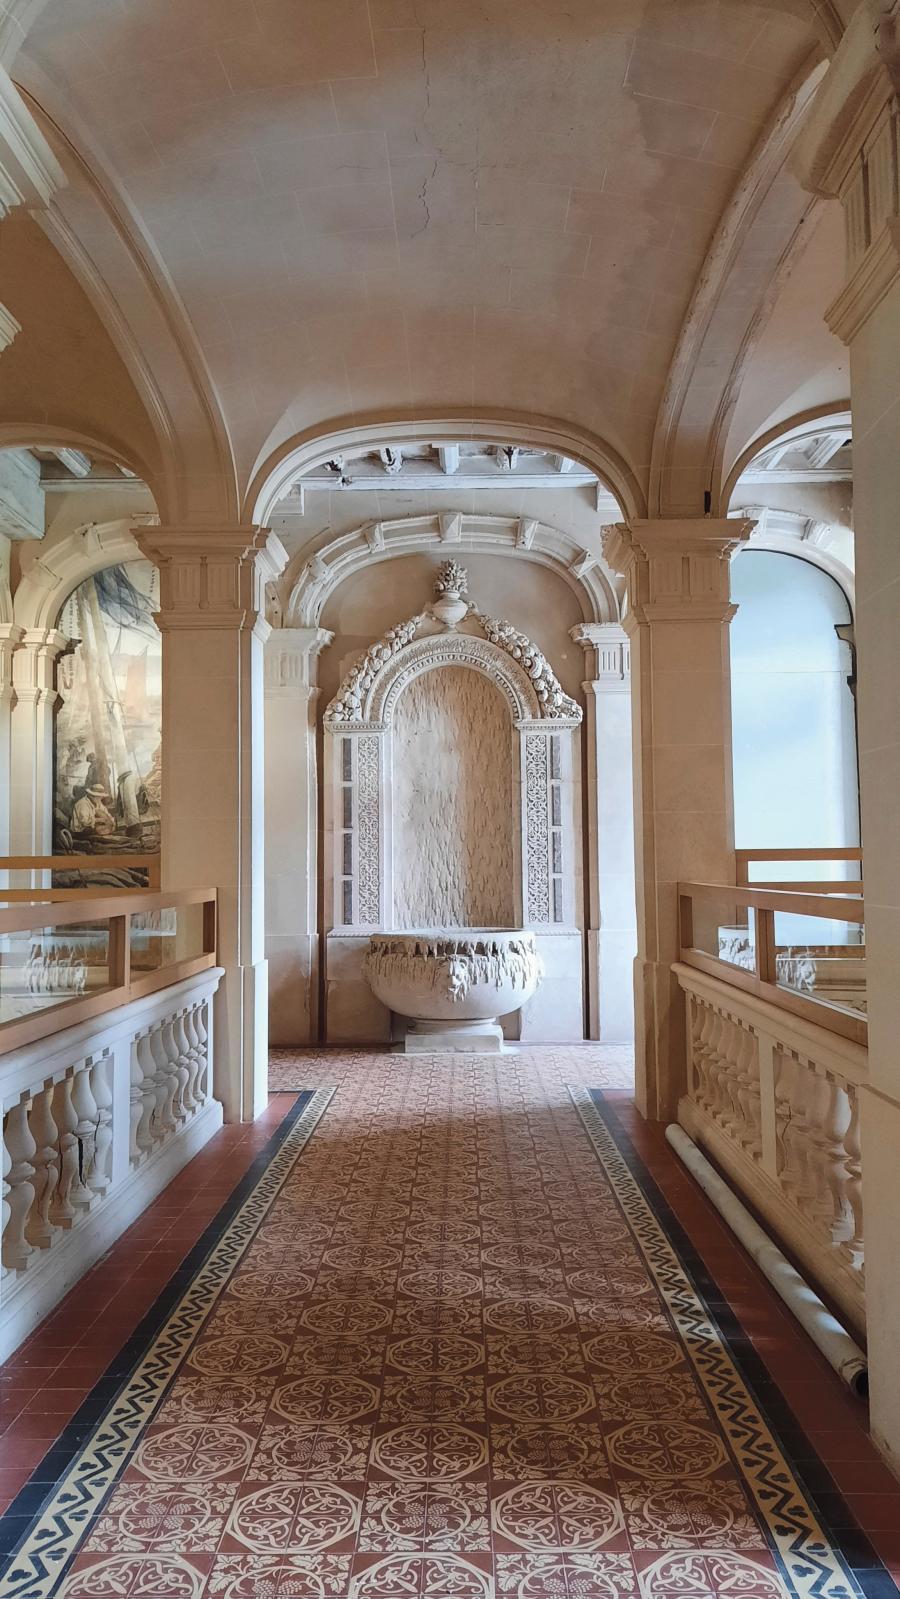 En haut du grand escalier d'honneur,de style Renaissance. © G. M.